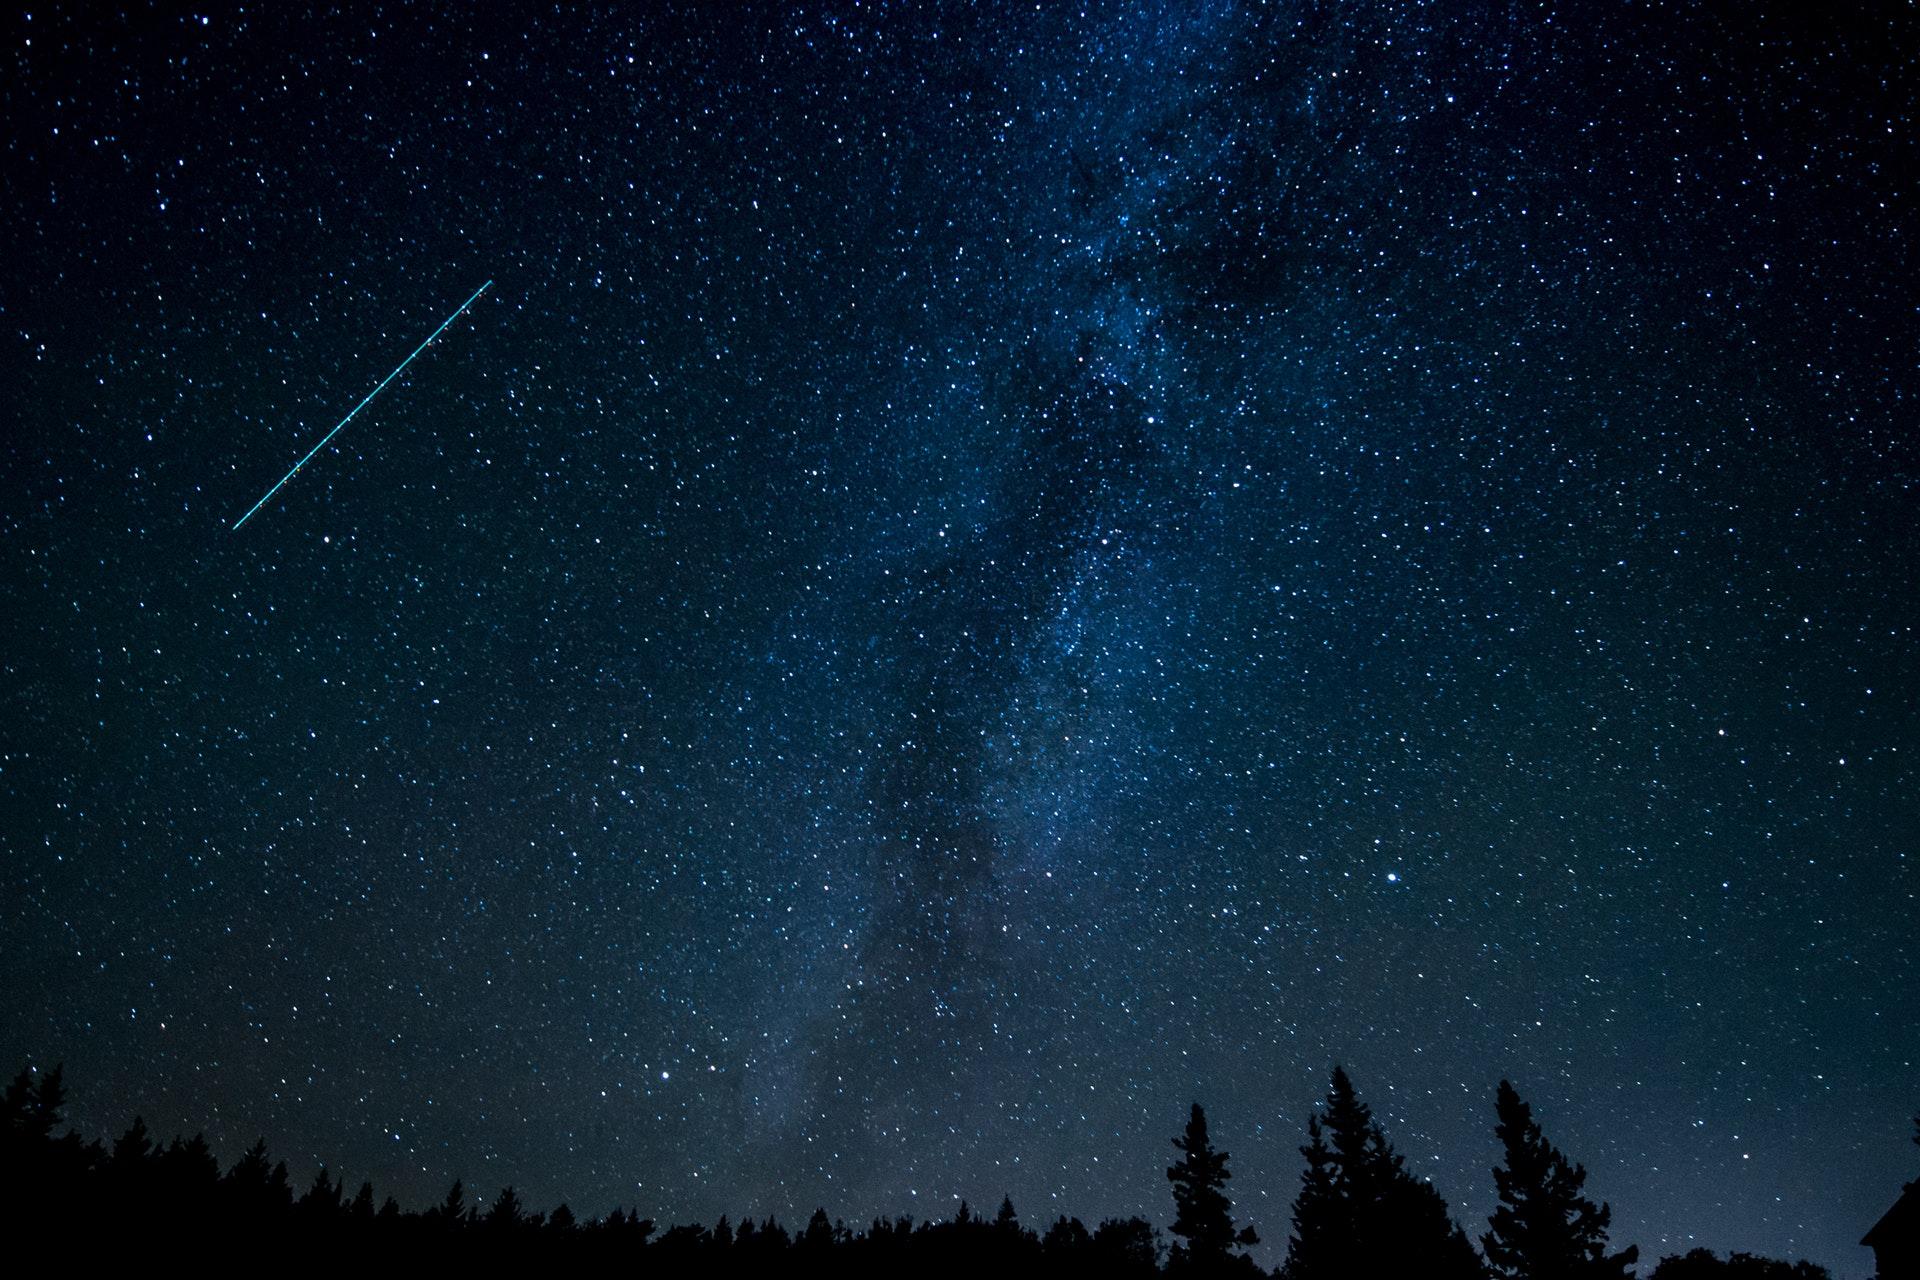 zvezdni utrinki